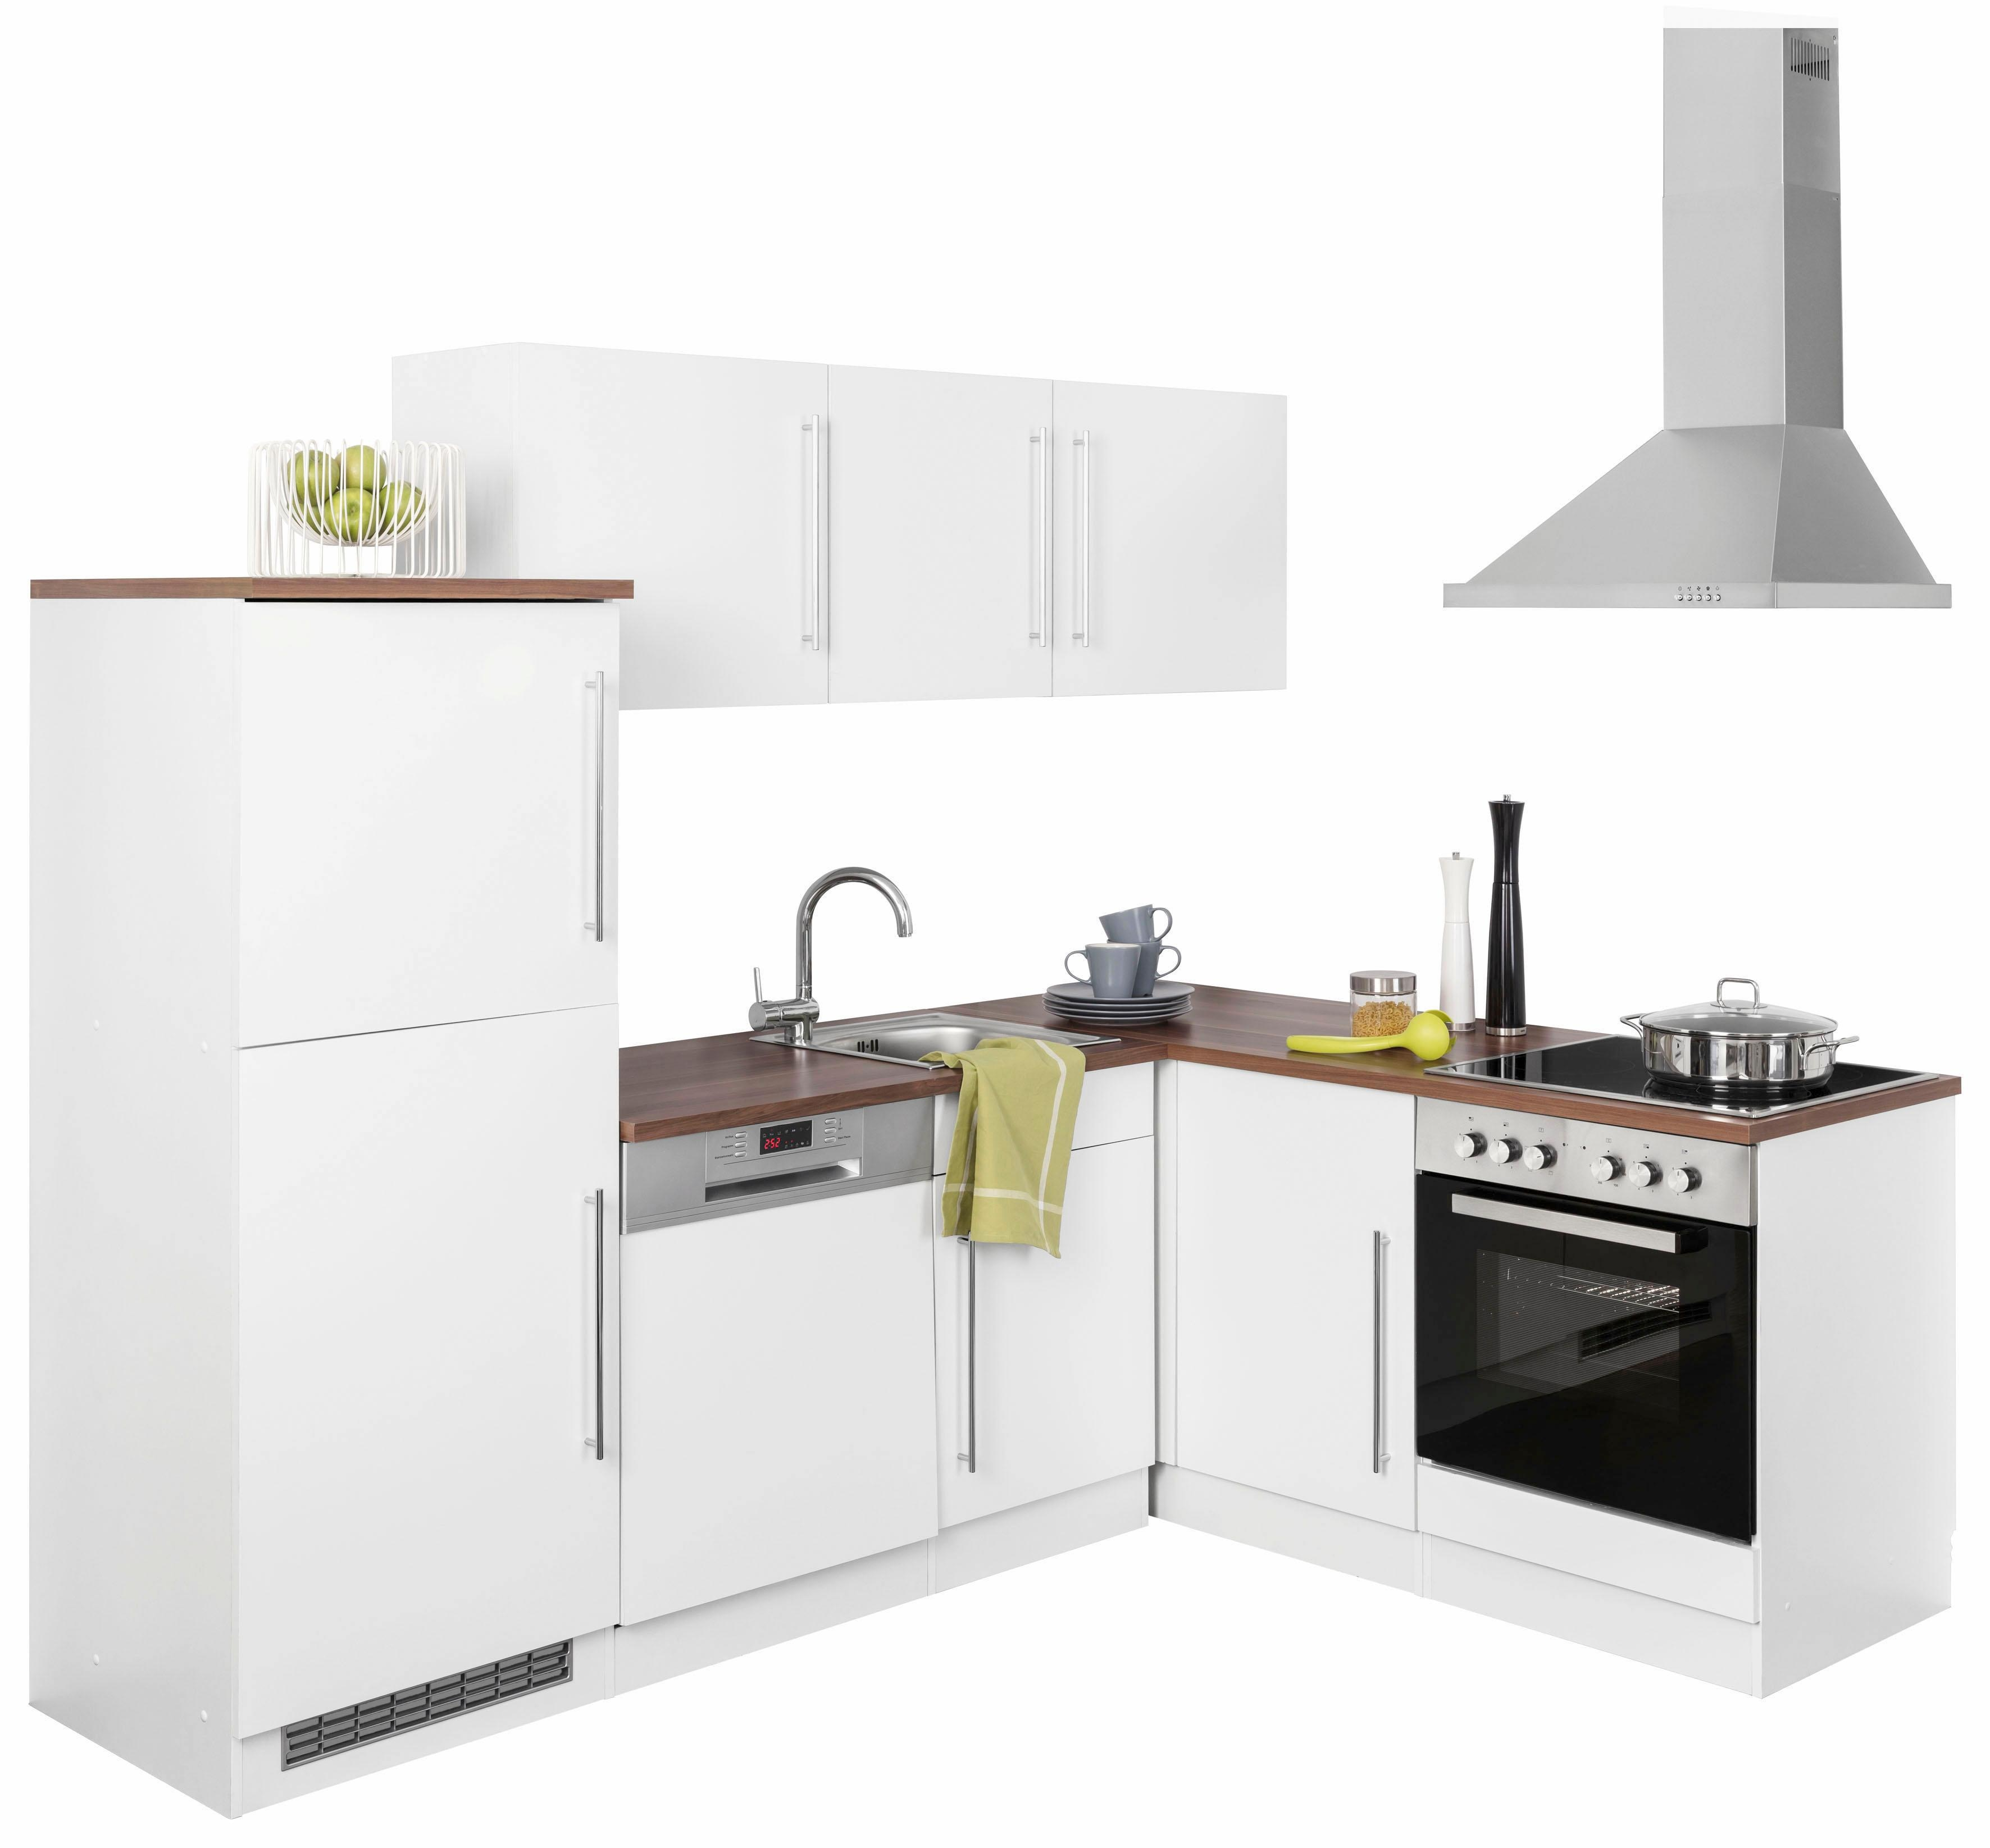 HELD MÖBEL Winkelküche »Samos« | Küche und Esszimmer > Küchen > Winkelküchen | HELD MÖBEL